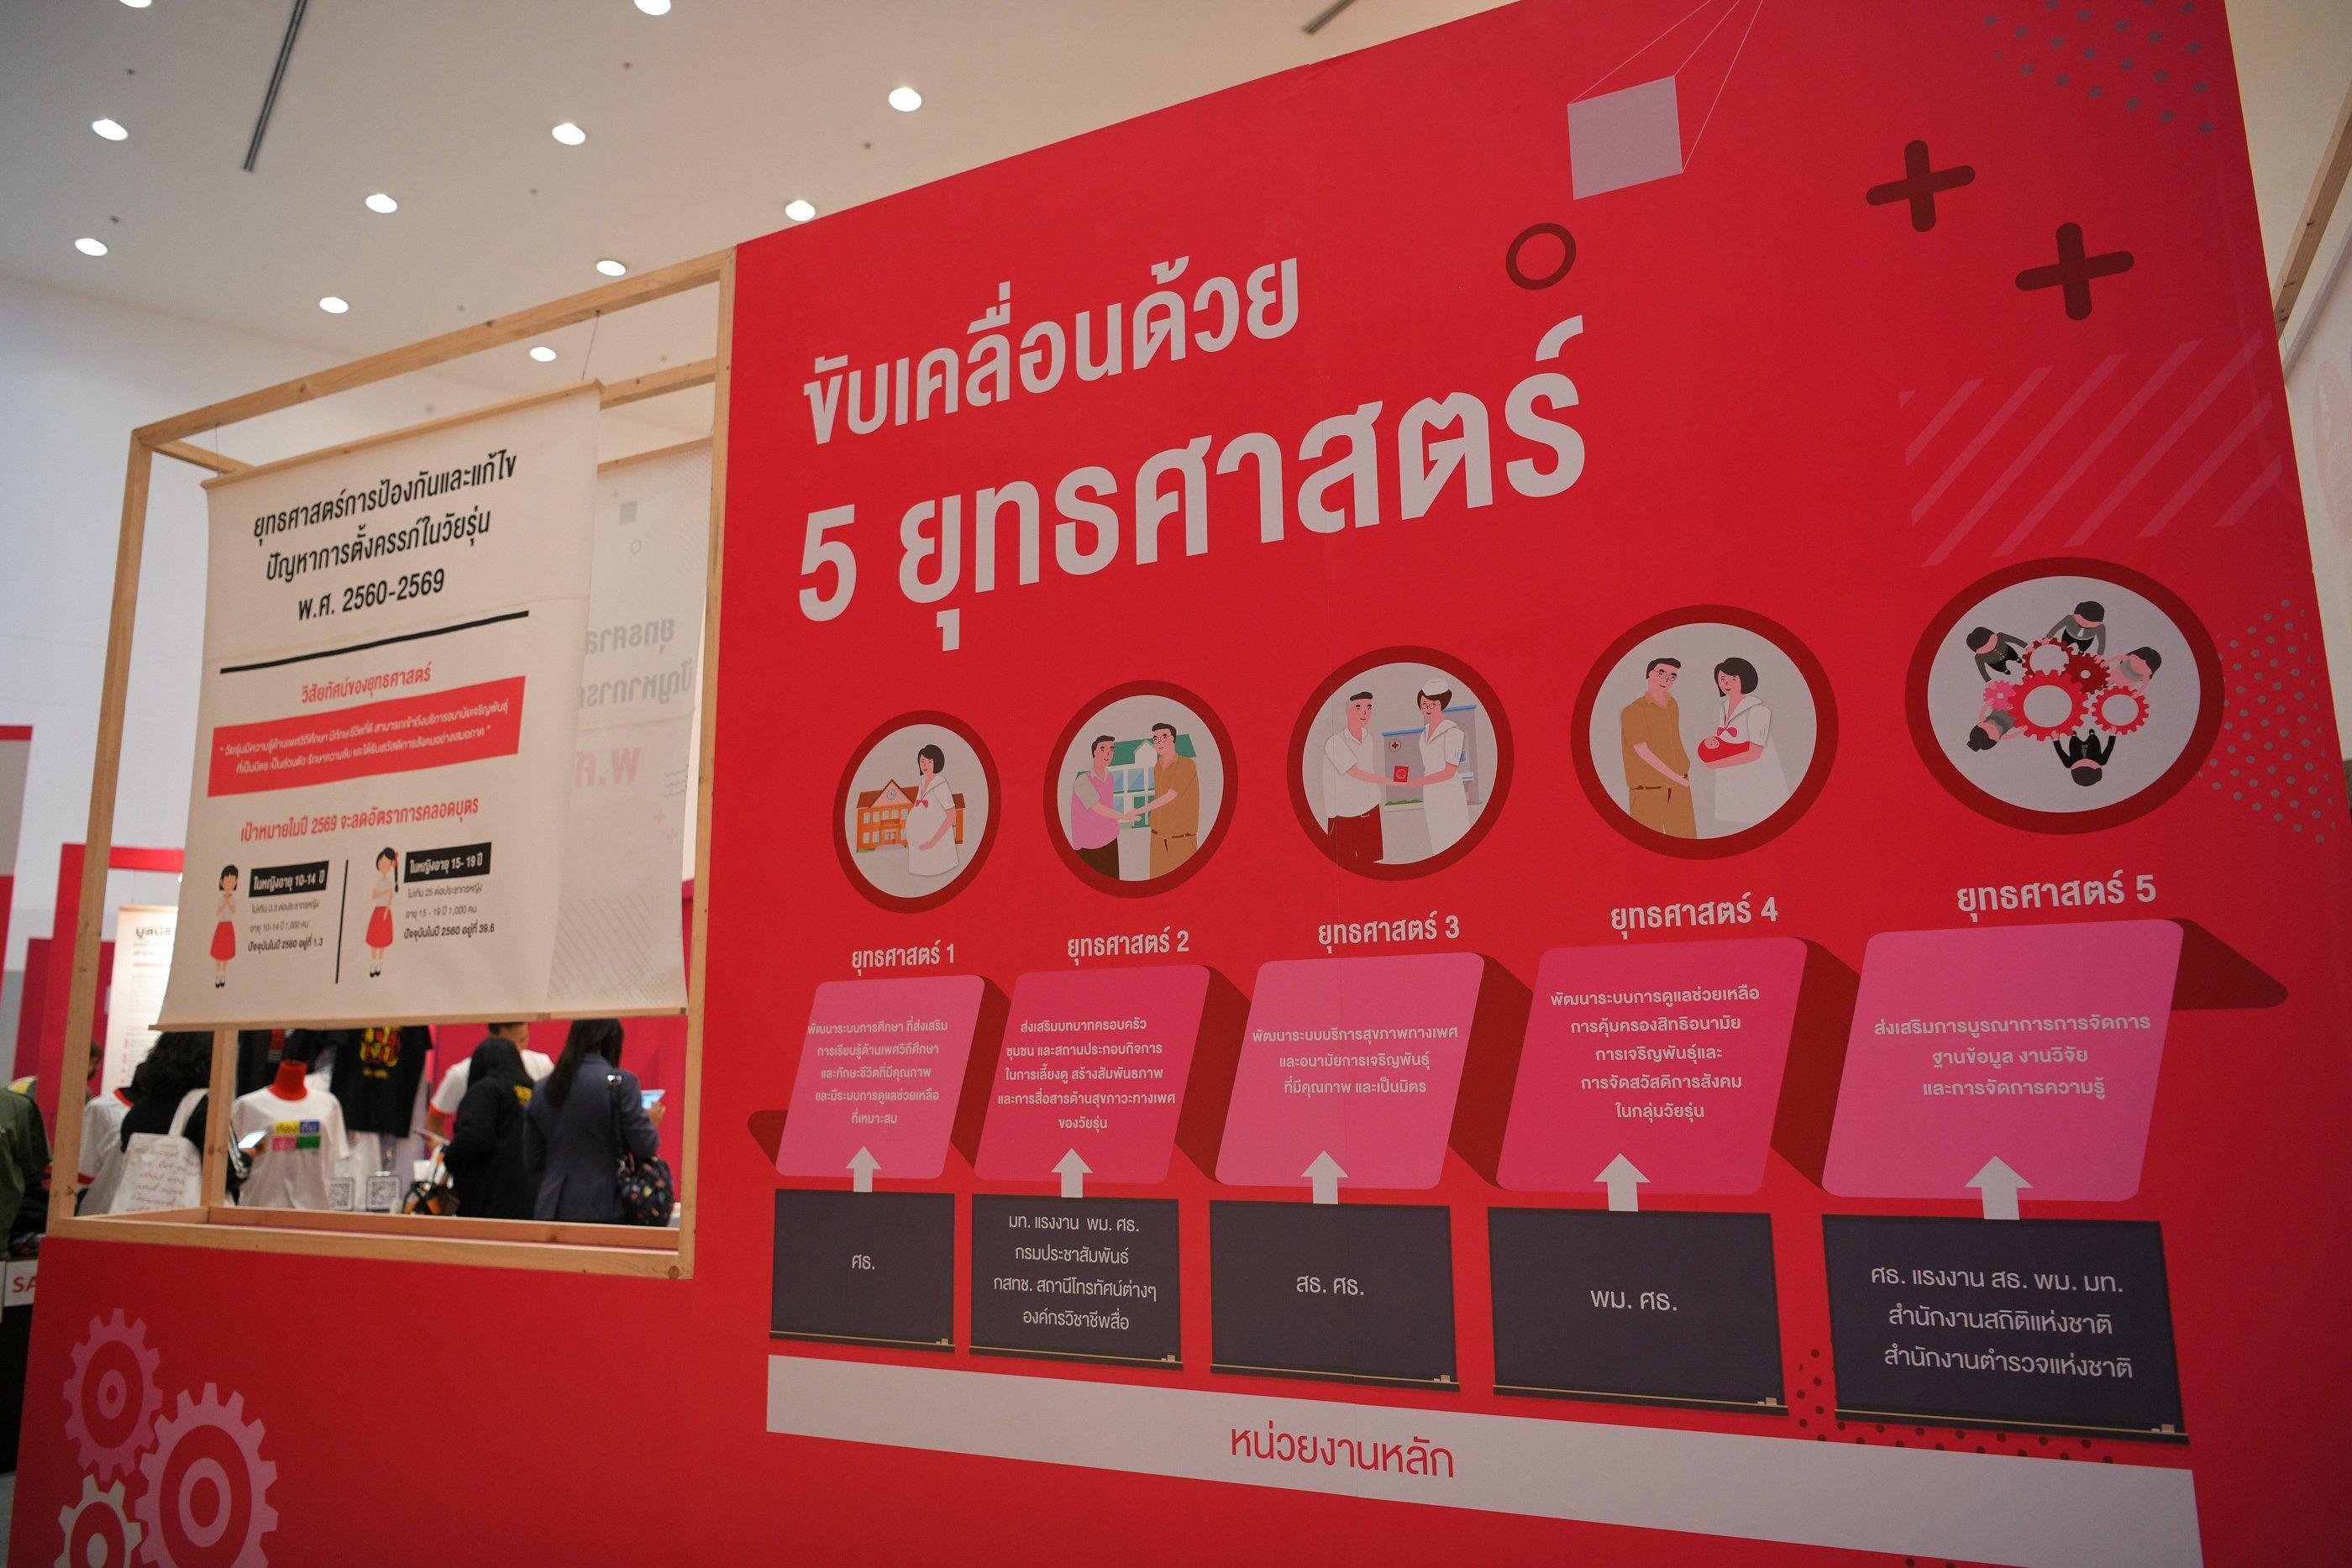 เด็กท้องต้องได้เรียน thaihealth